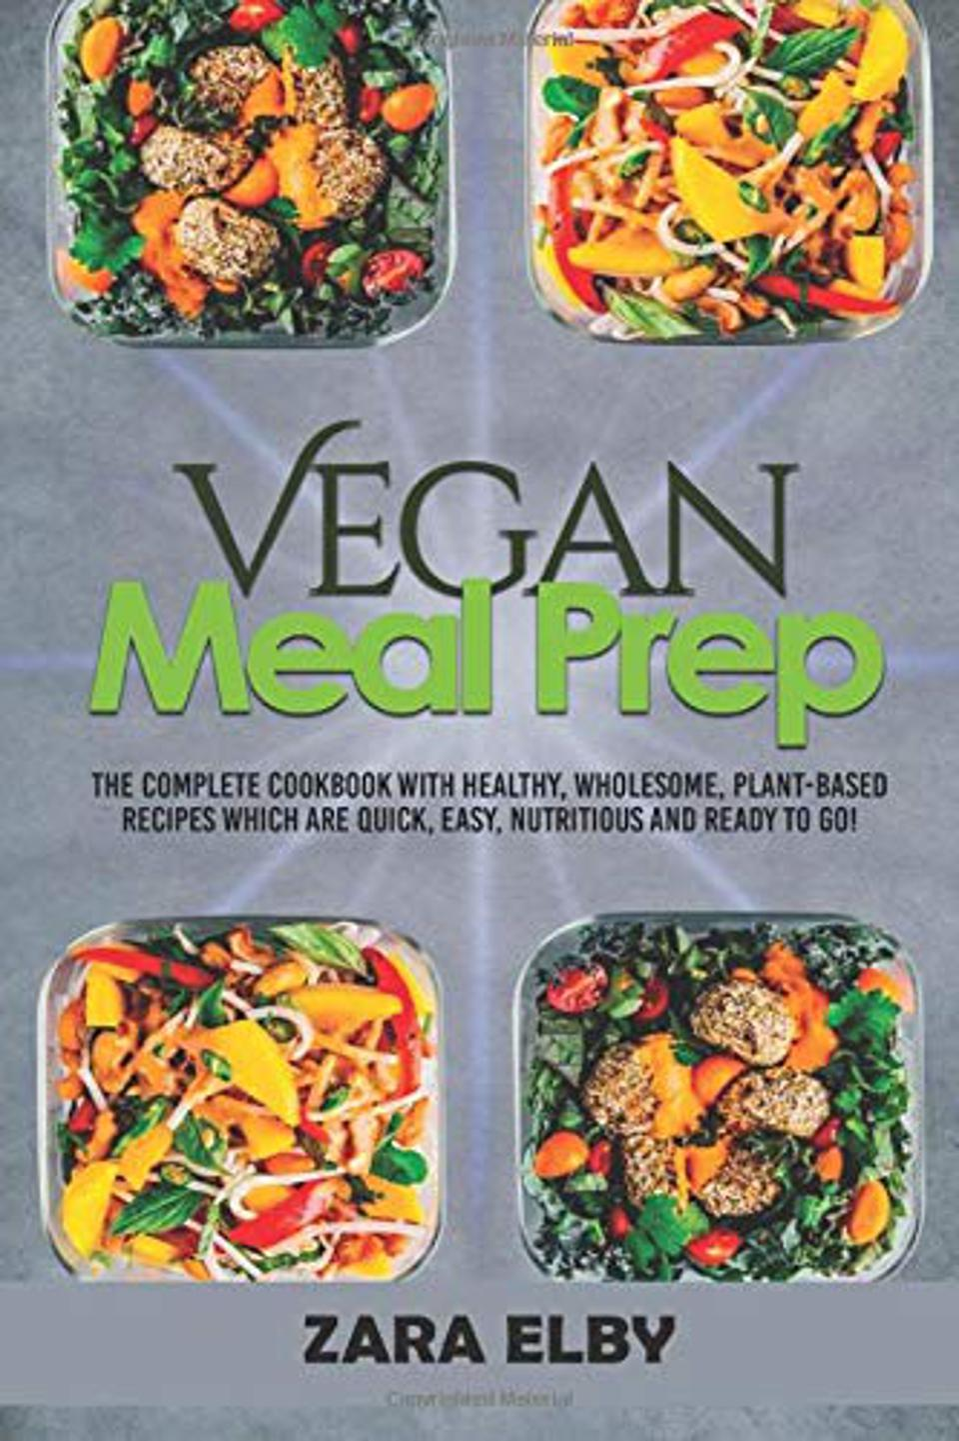 Best Vegan Recipes 2020.The Best Vegan Cookbooks